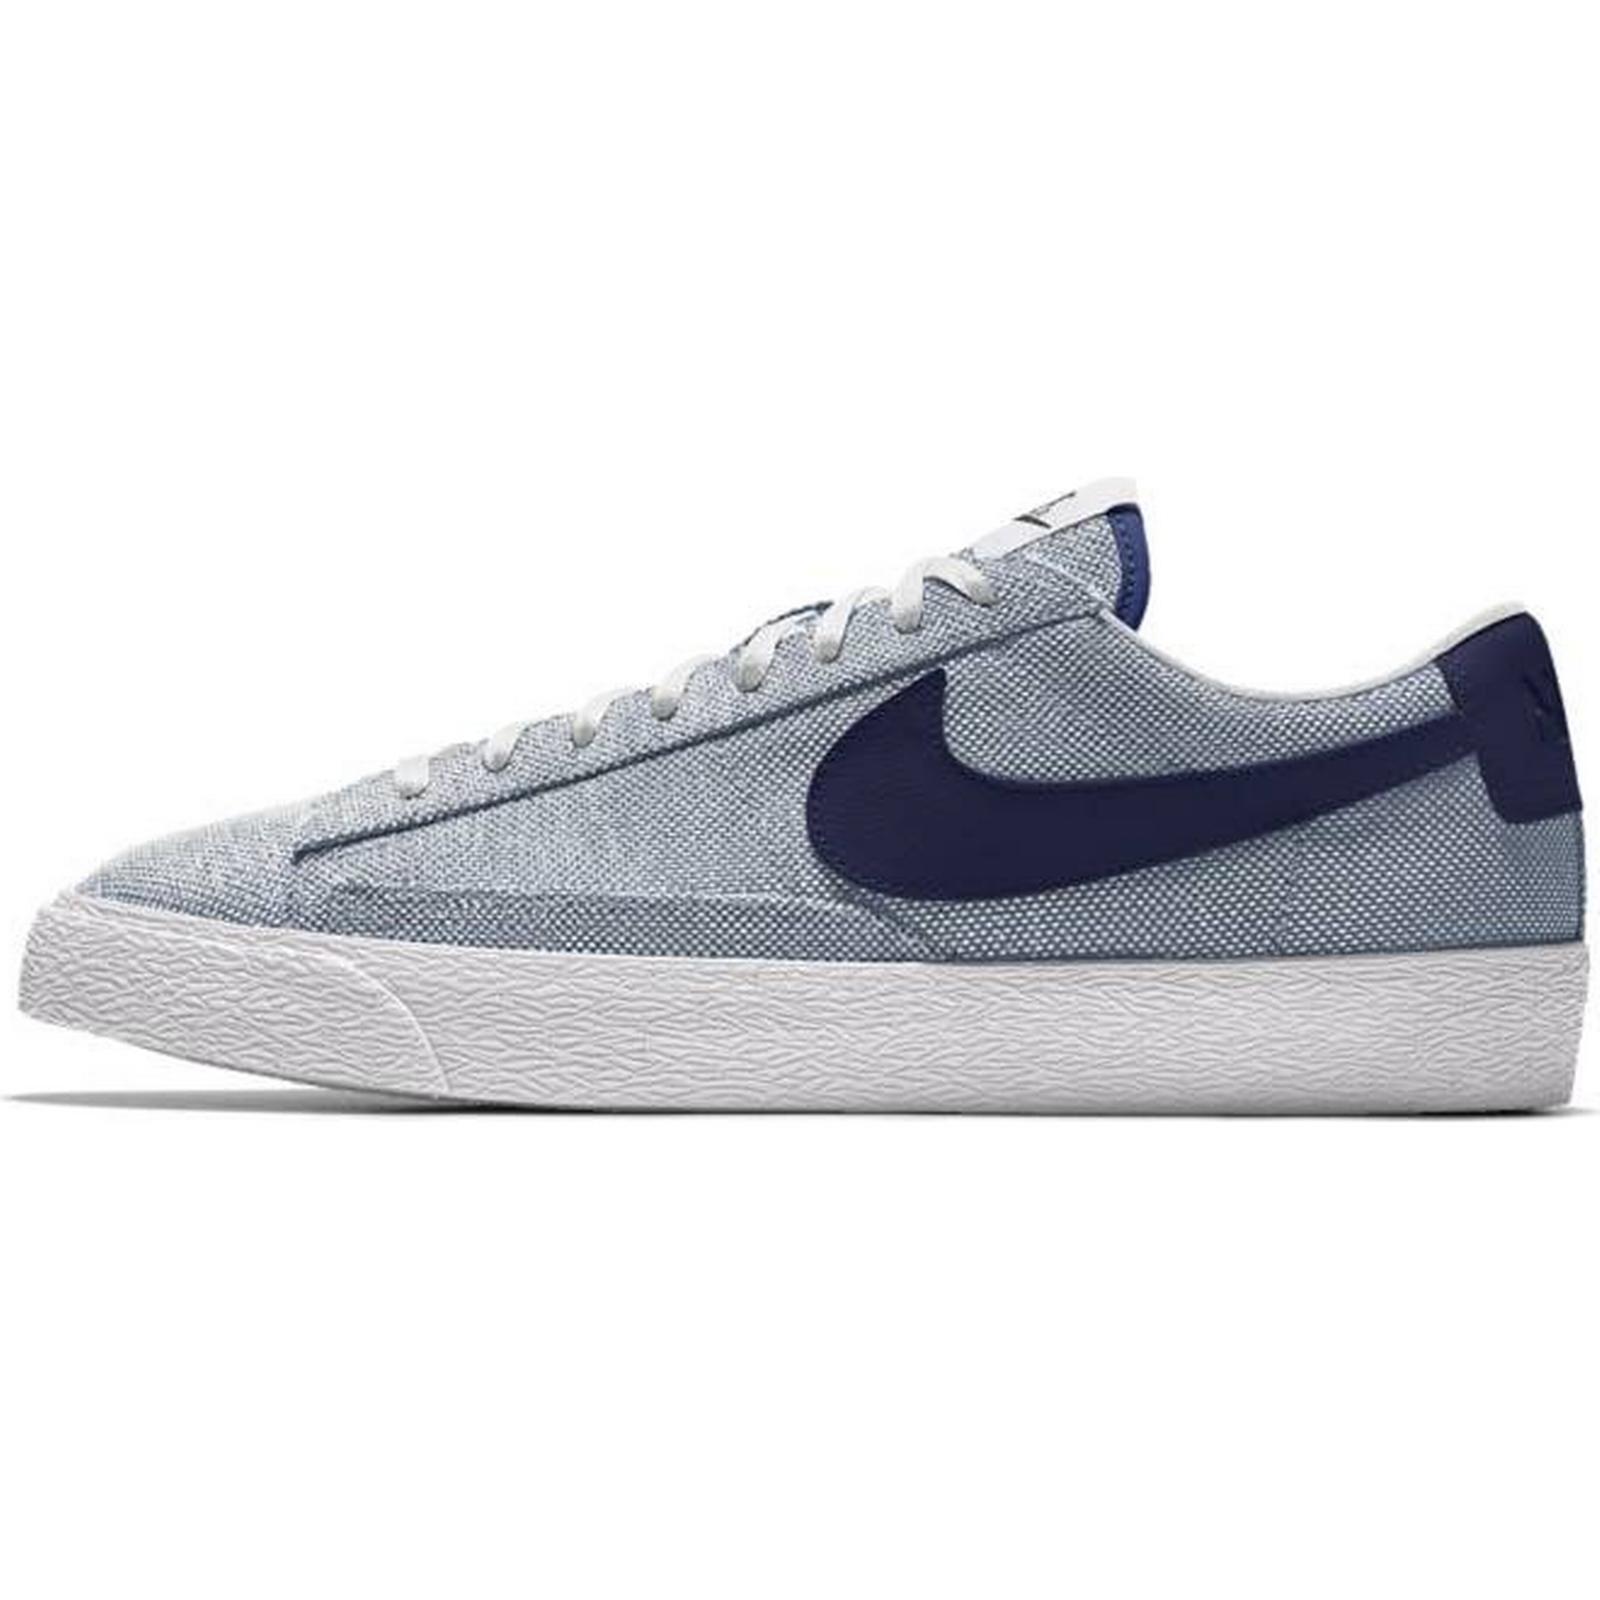 Man's/Woman's Nike < NIKE Buty Męskie Nike Man's/Woman's Blazer Low Premium ID <  Quality and Quantity Secured dc4678